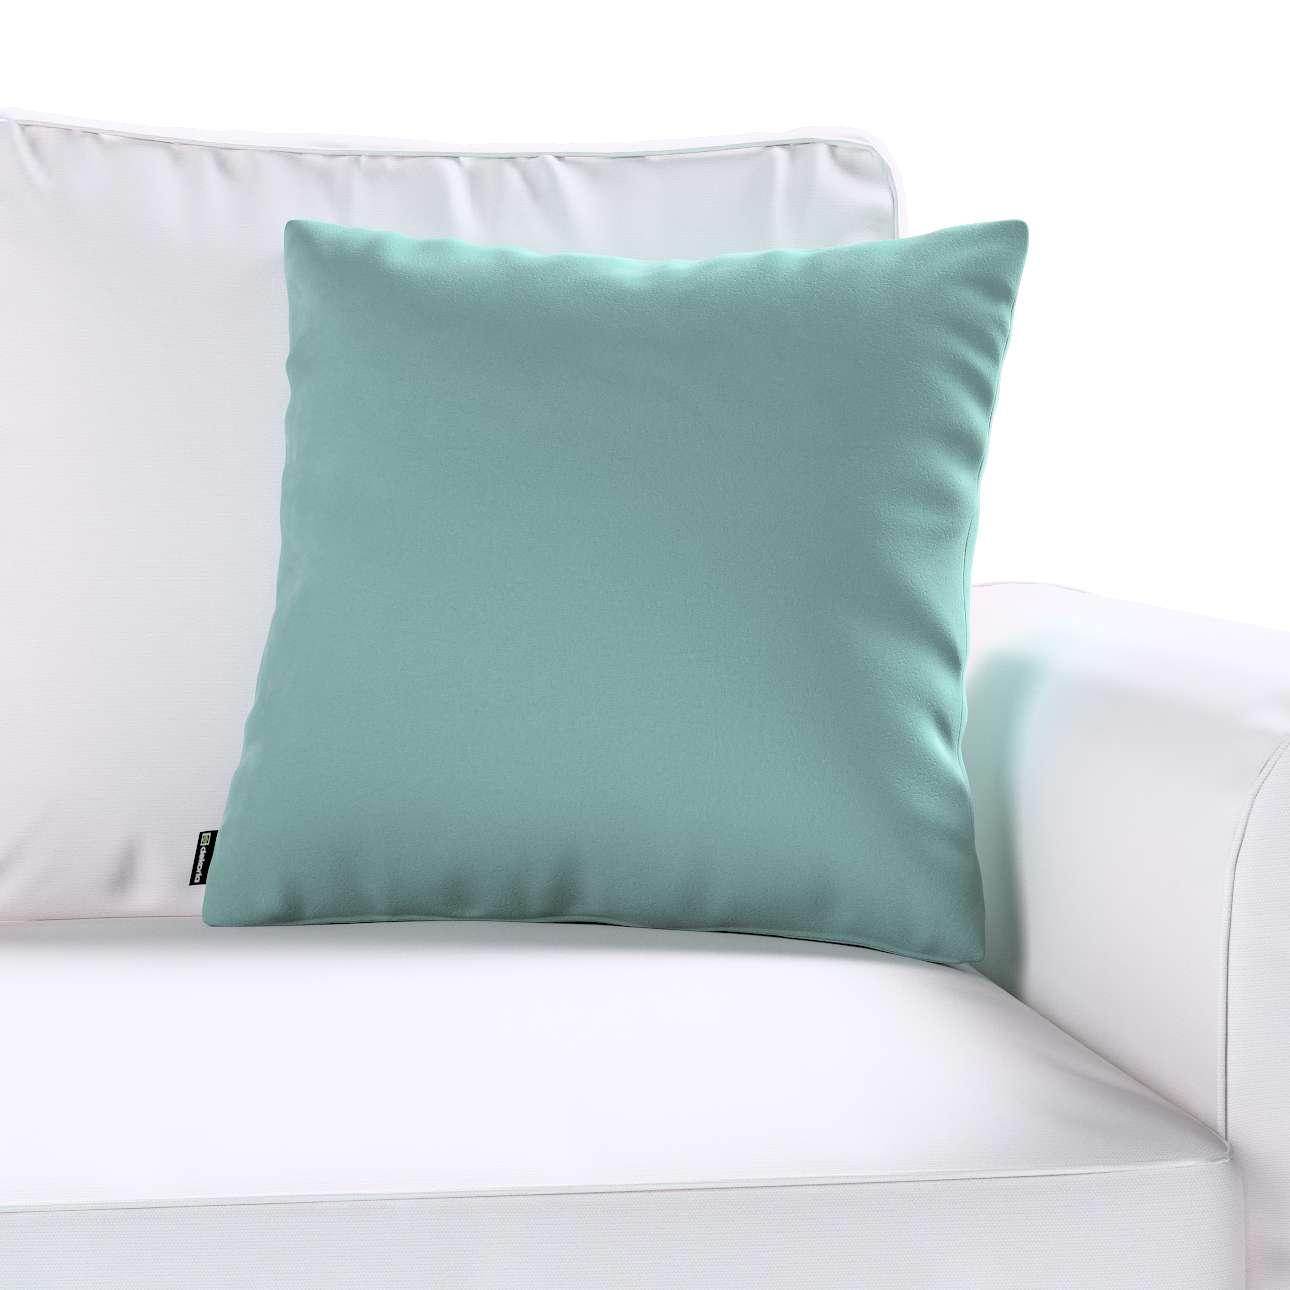 Poszewka Kinga na poduszkę w kolekcji Velvet, tkanina: 704-18